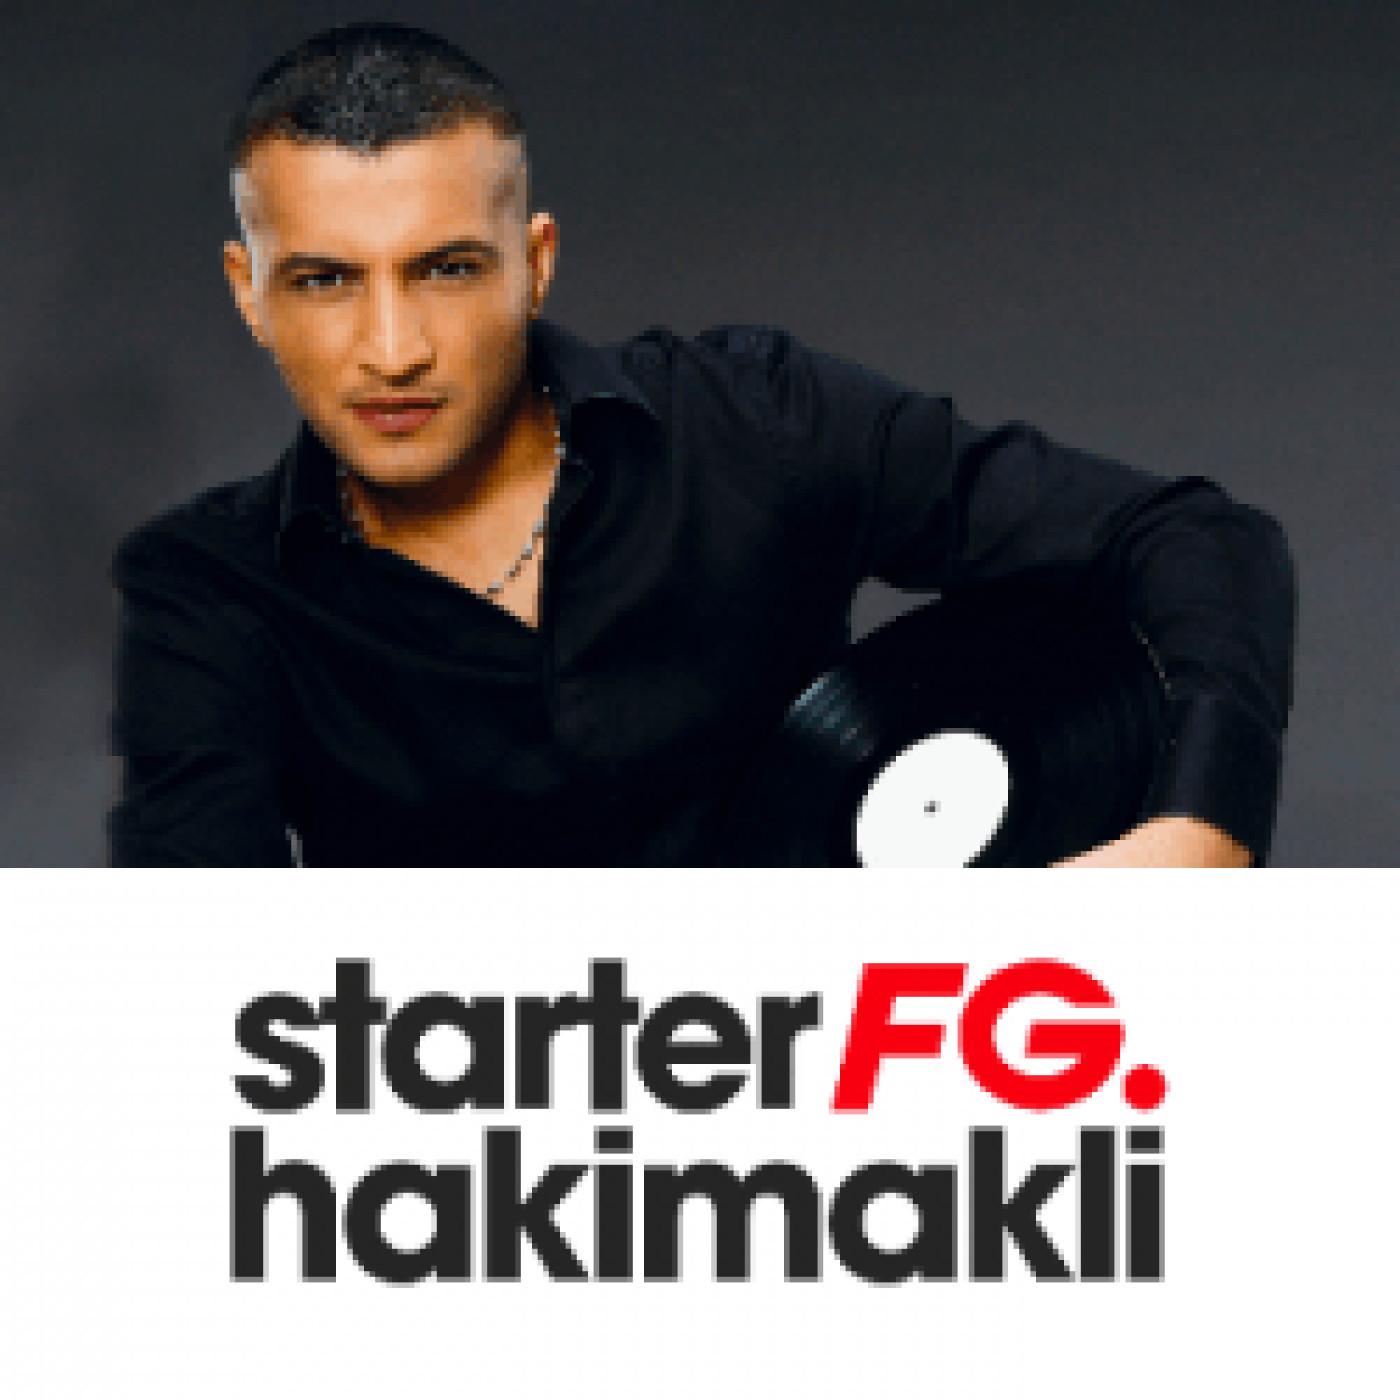 STARTER FG BY HAKIMAKLI MARDI 27 OCTOBRE 2020